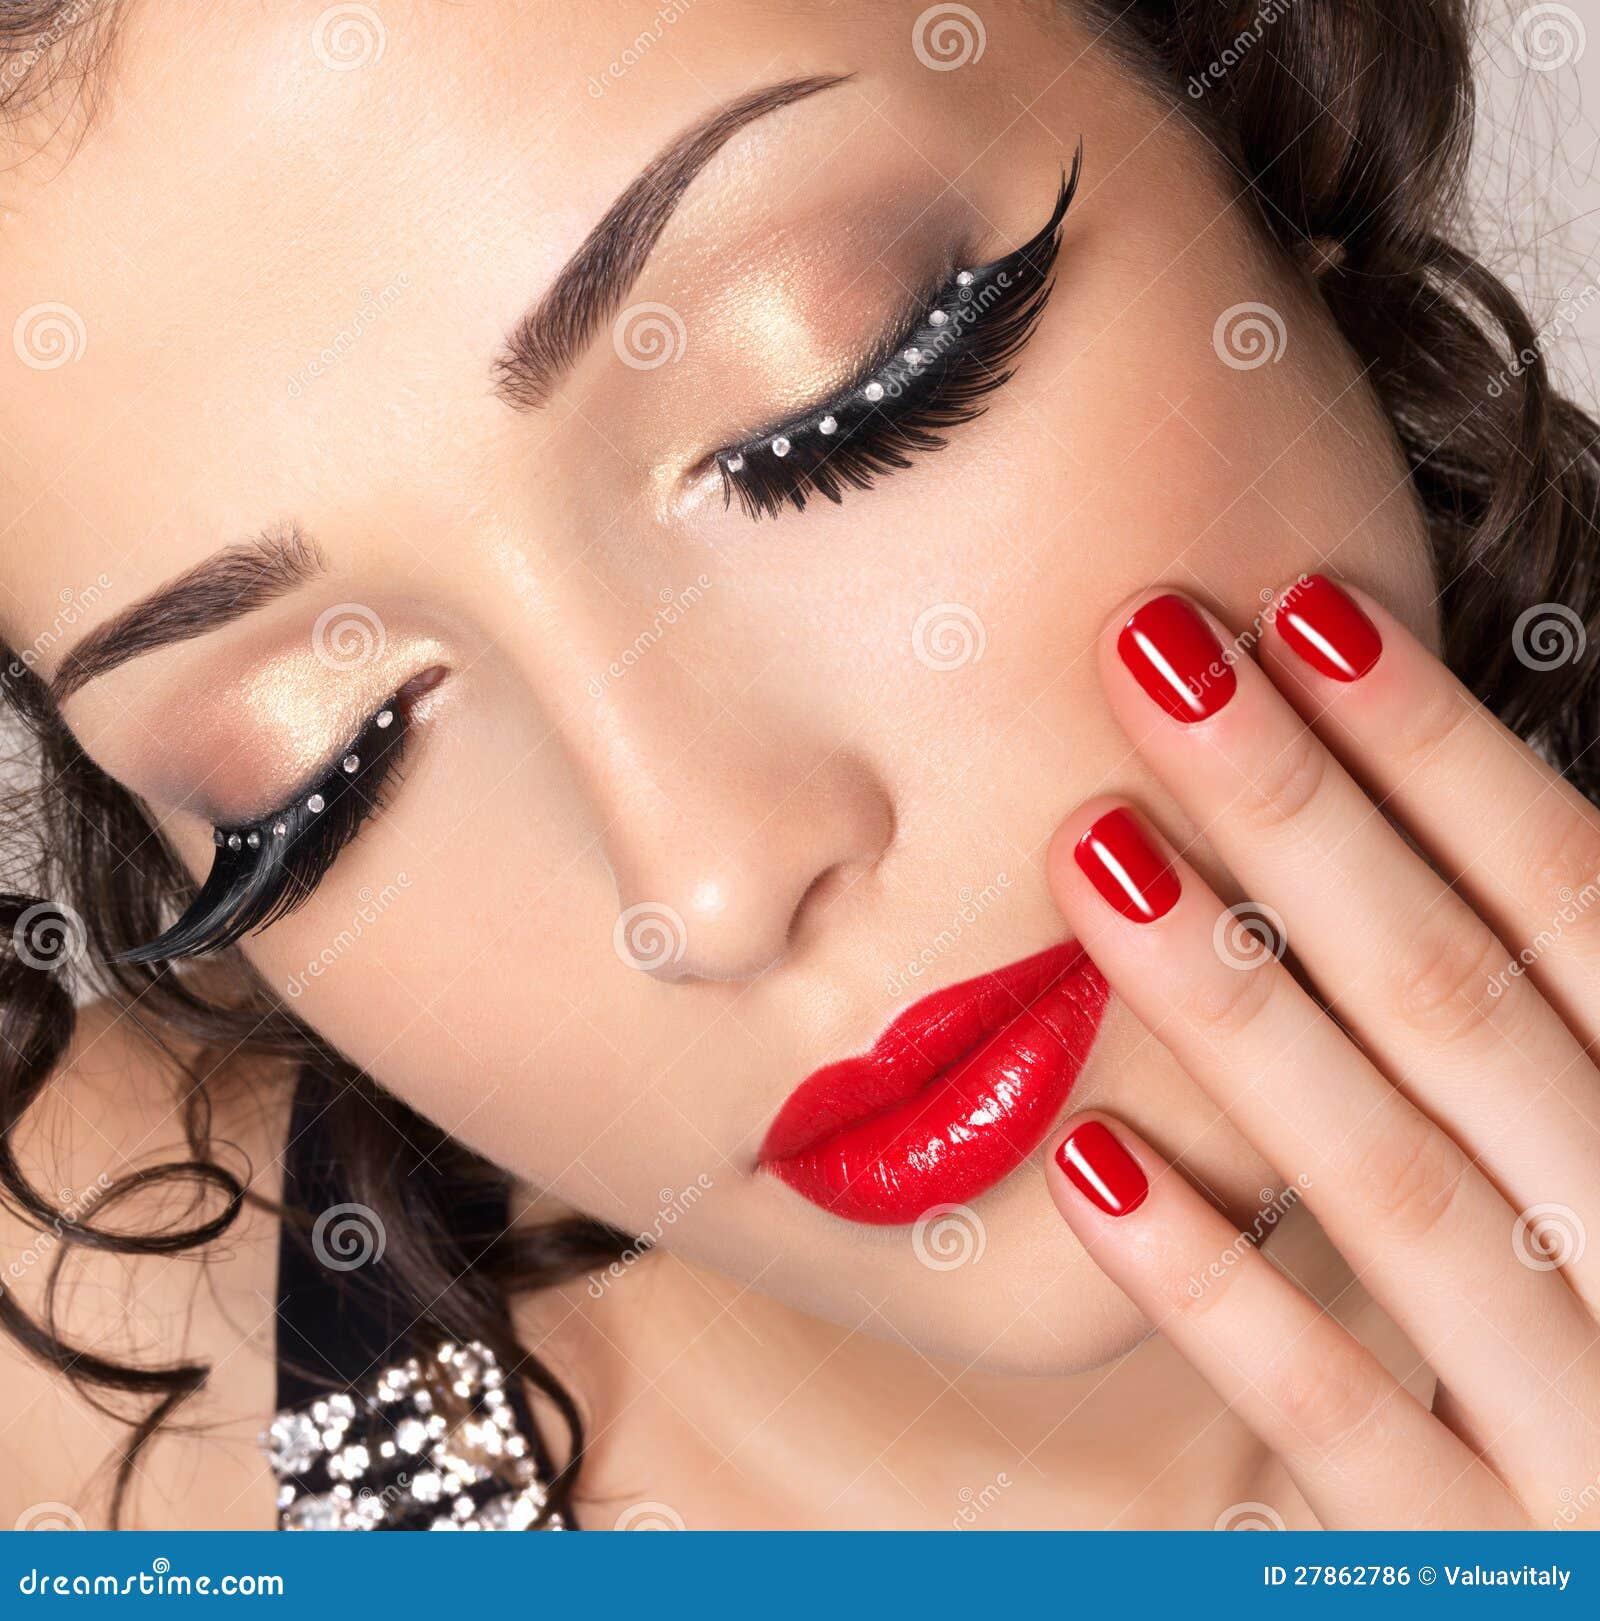 Modele com pregos vermelhos, bordos e composição creativa do olho